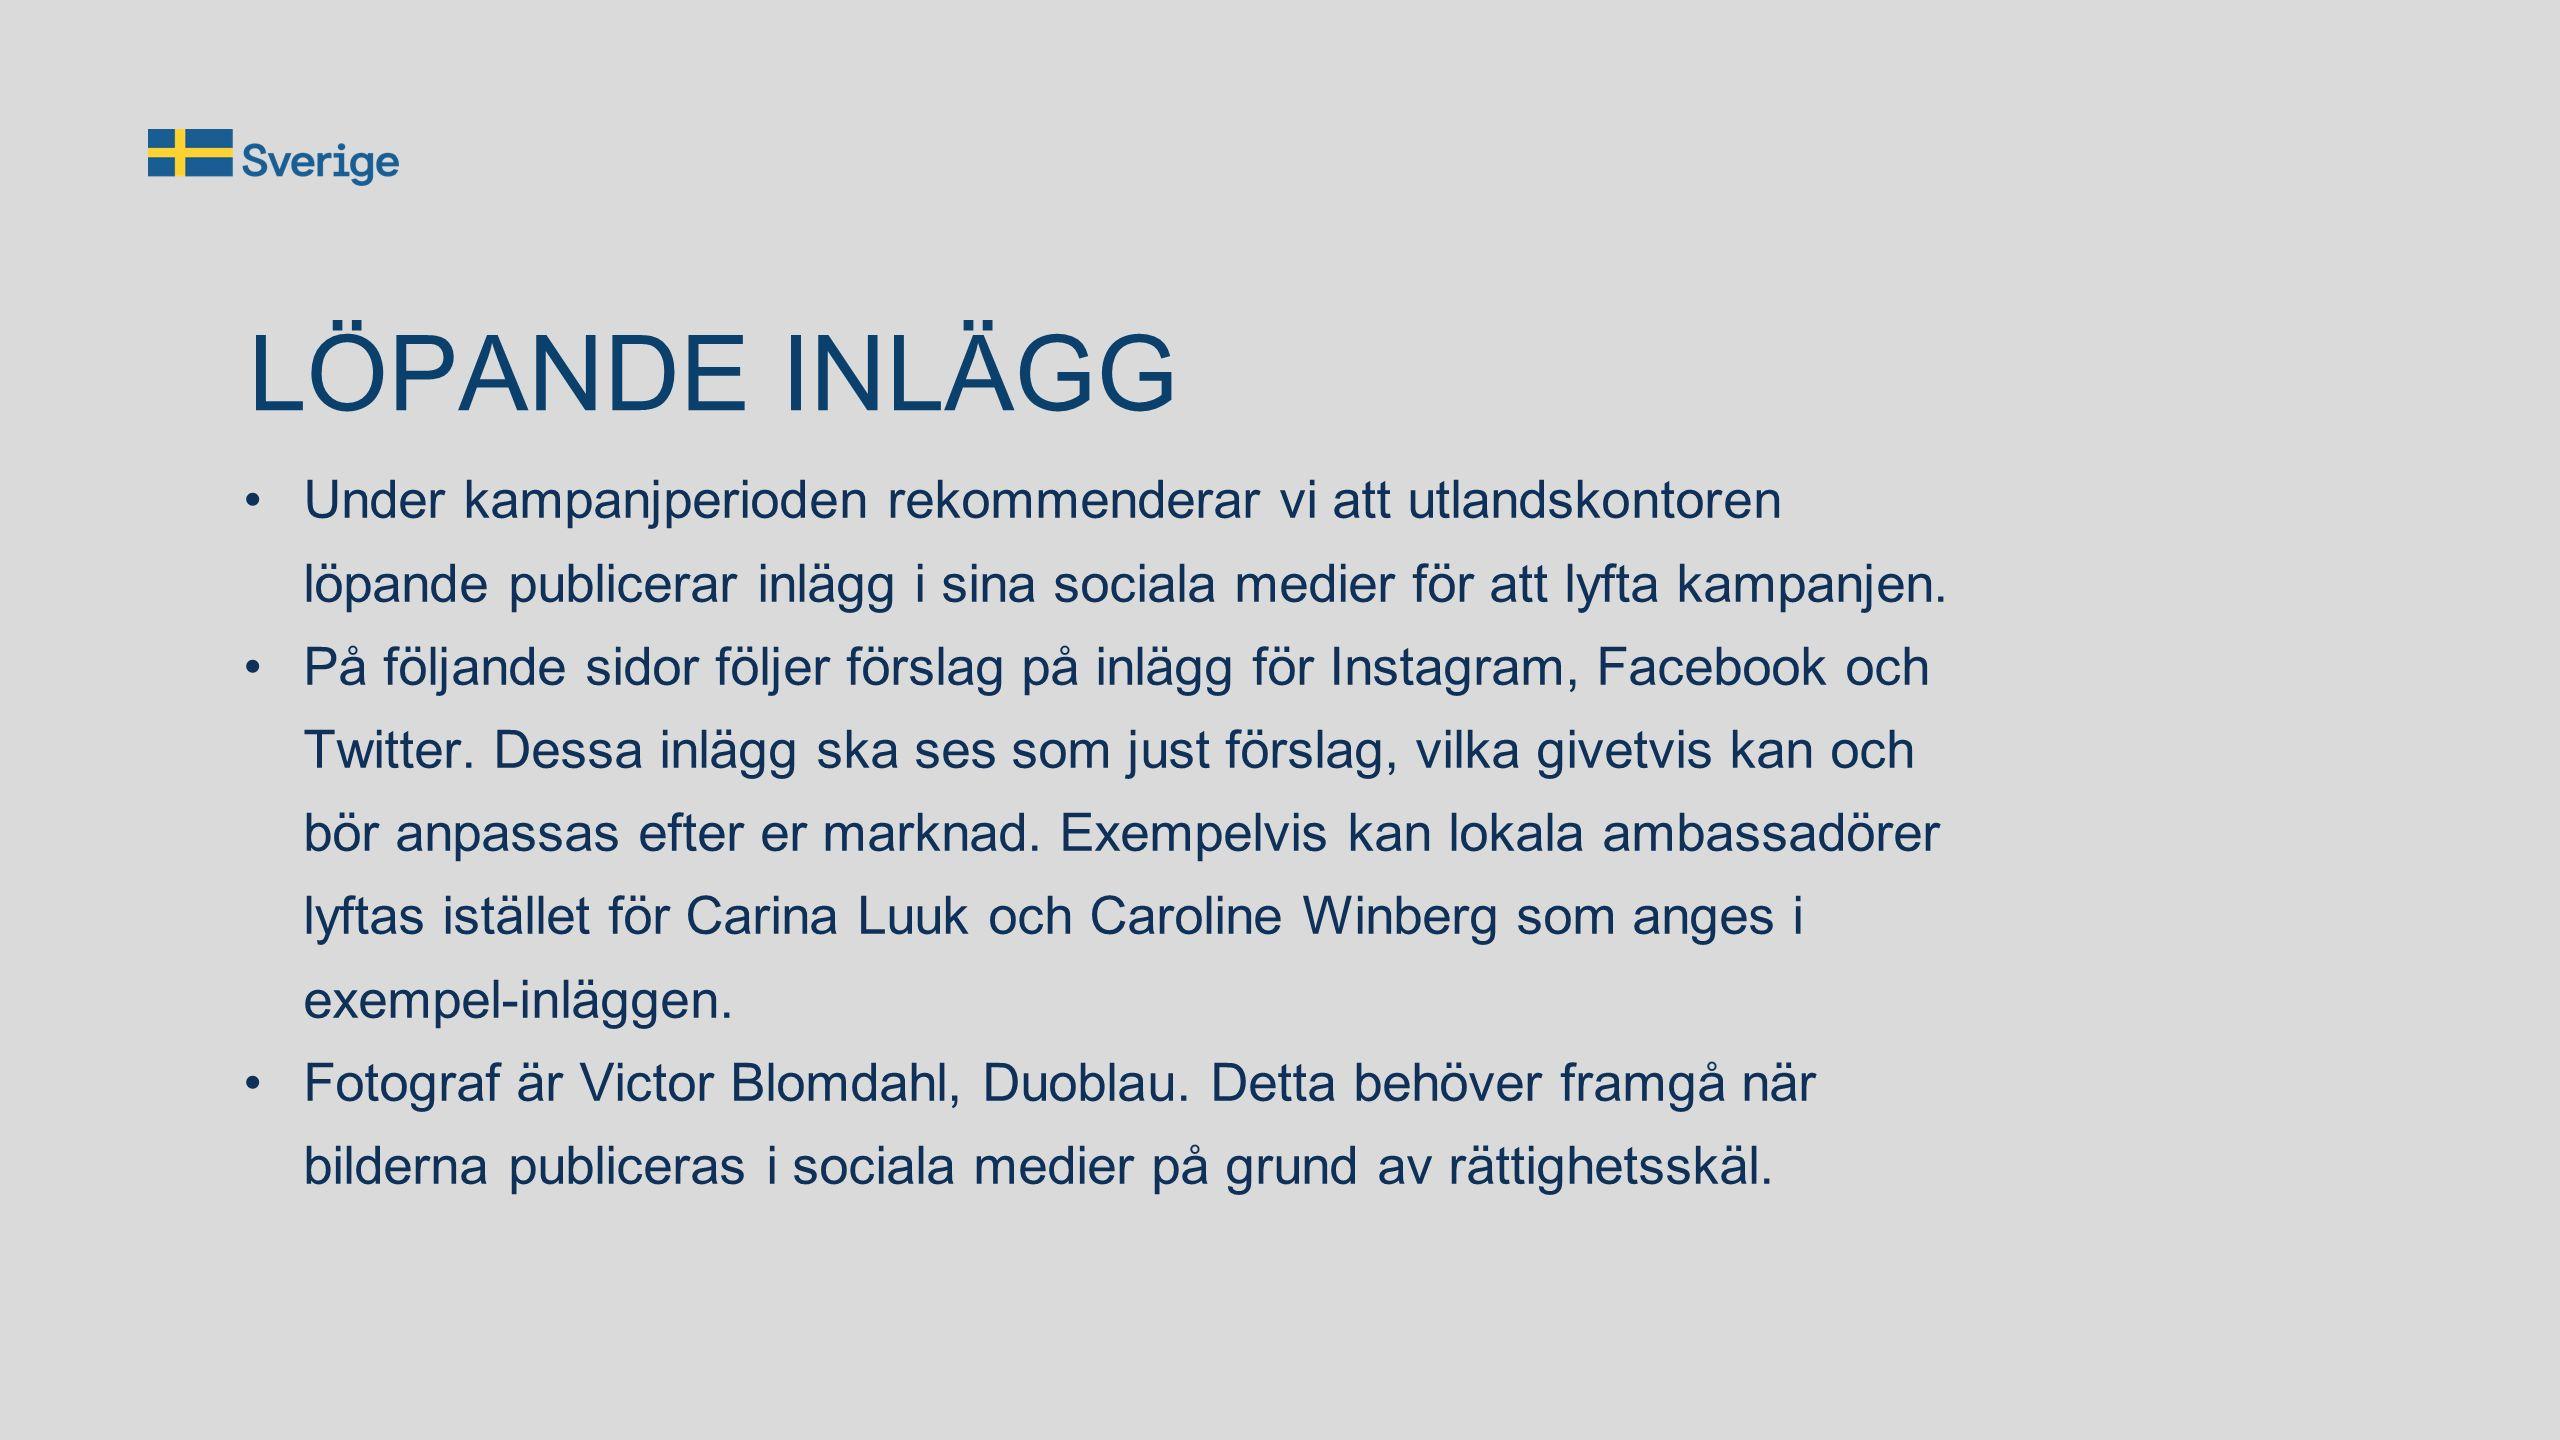 LÖPANDE INLÄGG Under kampanjperioden rekommenderar vi att utlandskontoren löpande publicerar inlägg i sina sociala medier för att lyfta kampanjen. På